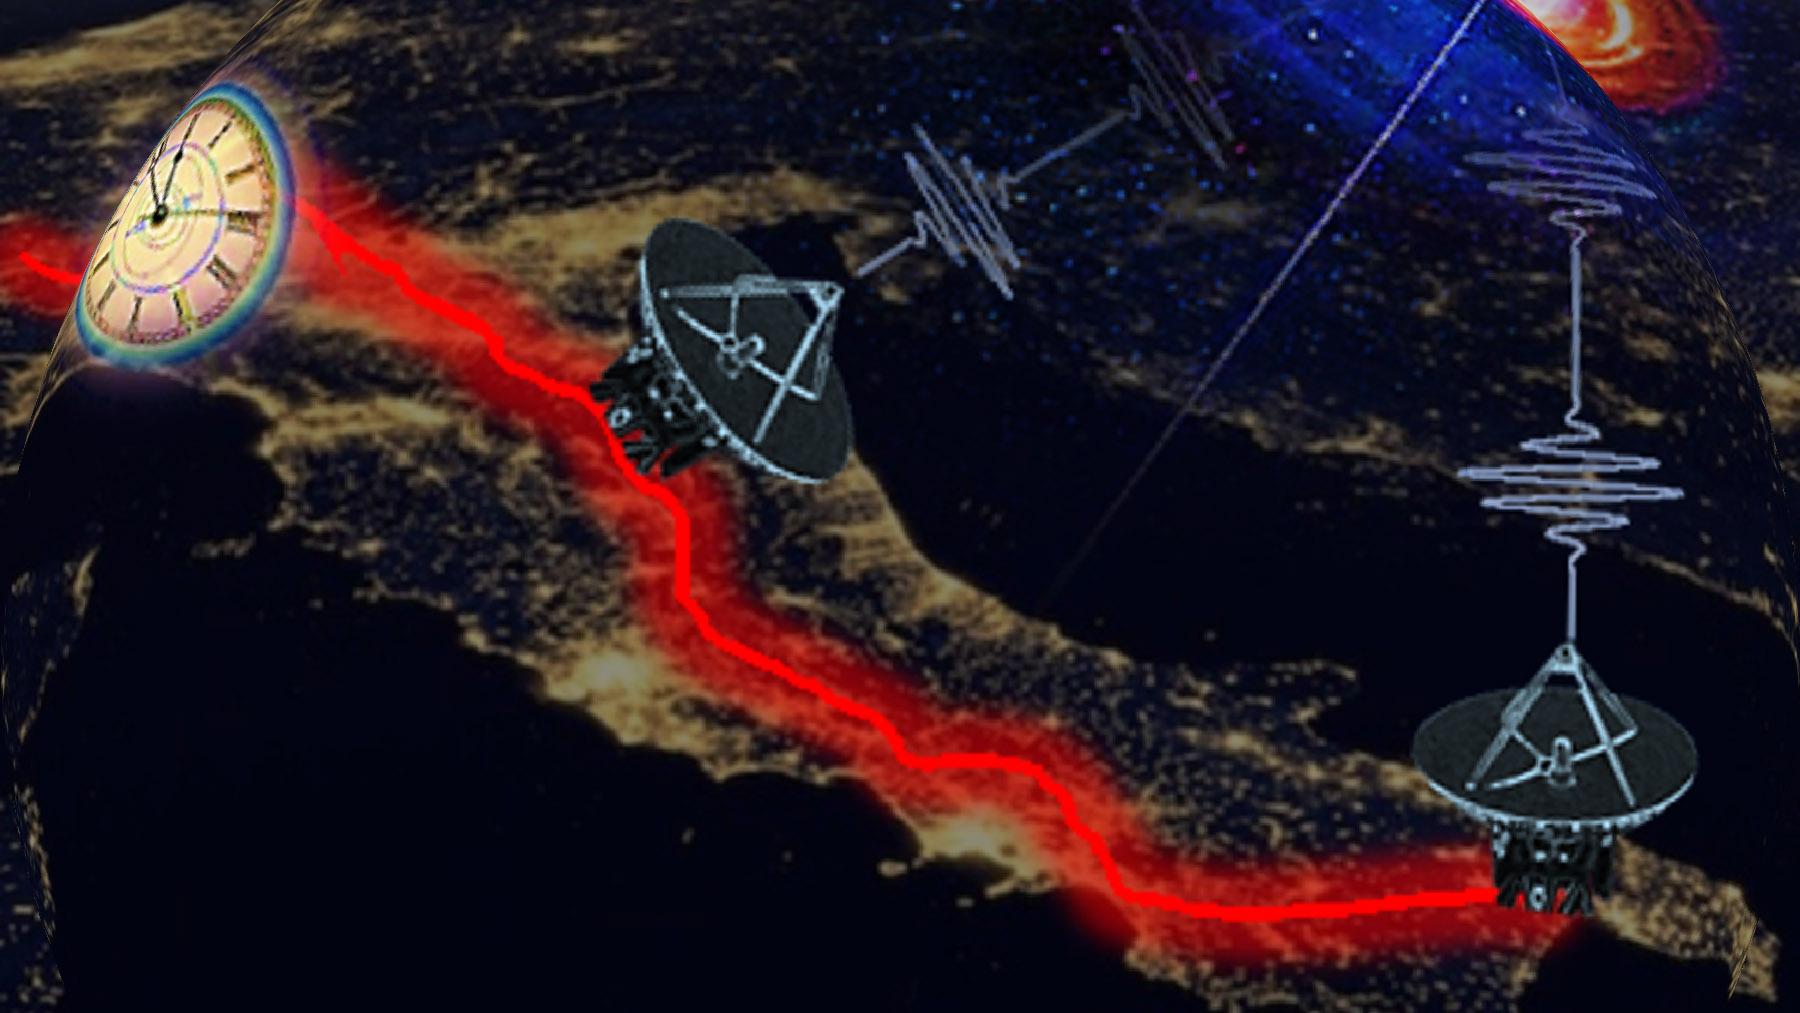 ASI - Un nuovo strumento per l'osservazione del cosmo grazie alla dorsale quantistica italiana